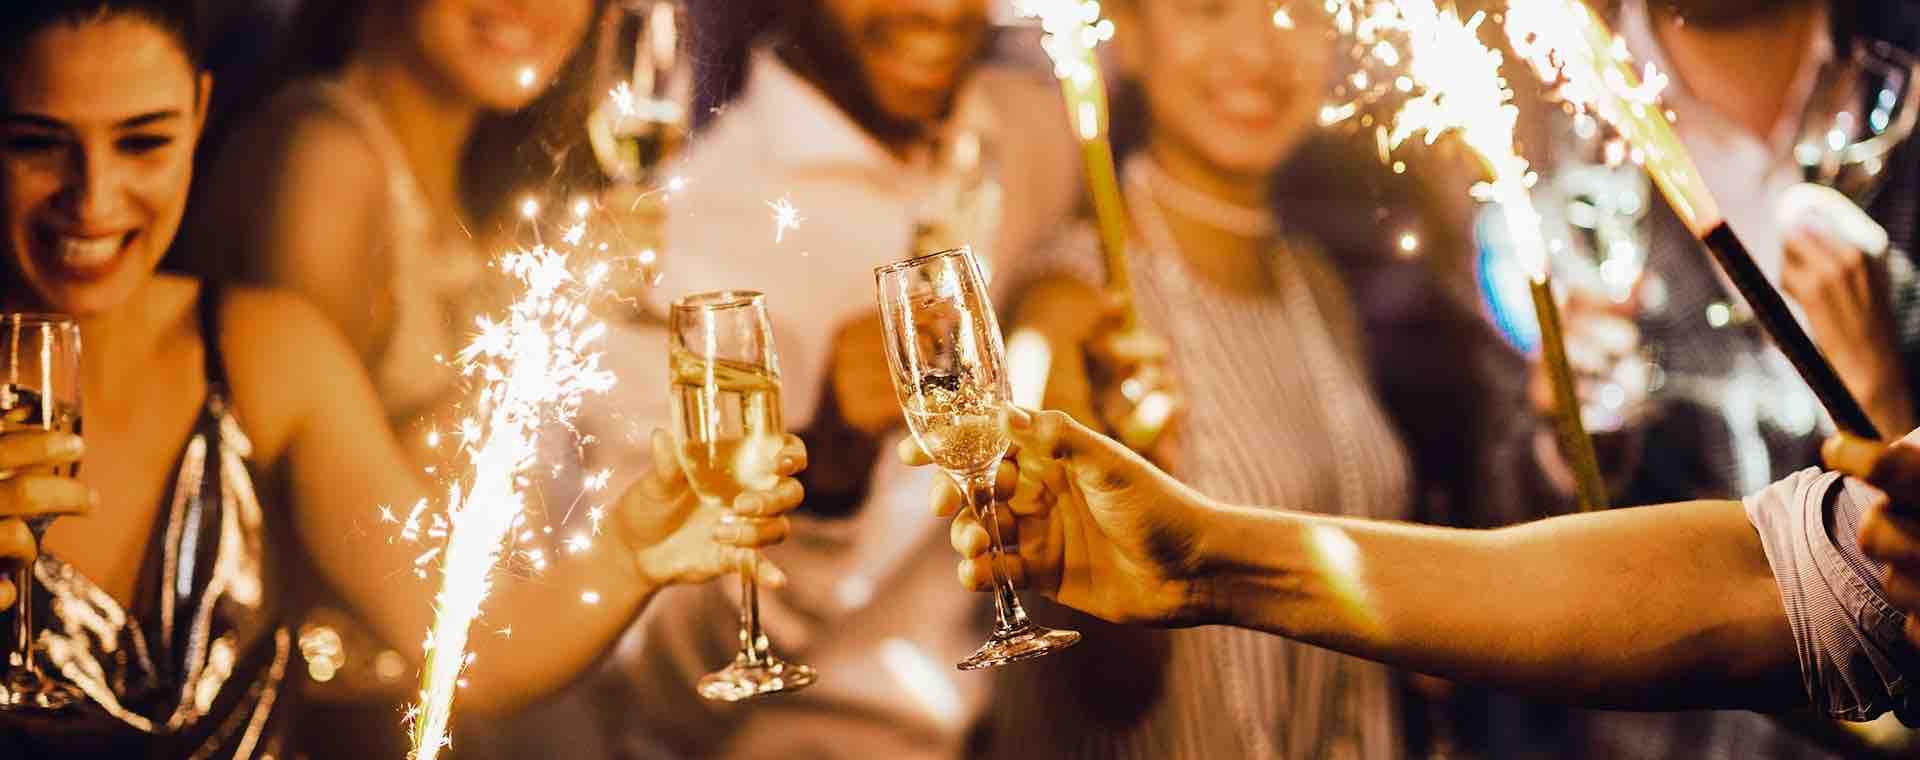 Vales de despensa en lugar de fiestas de fin de año, la apuesta de las empresas